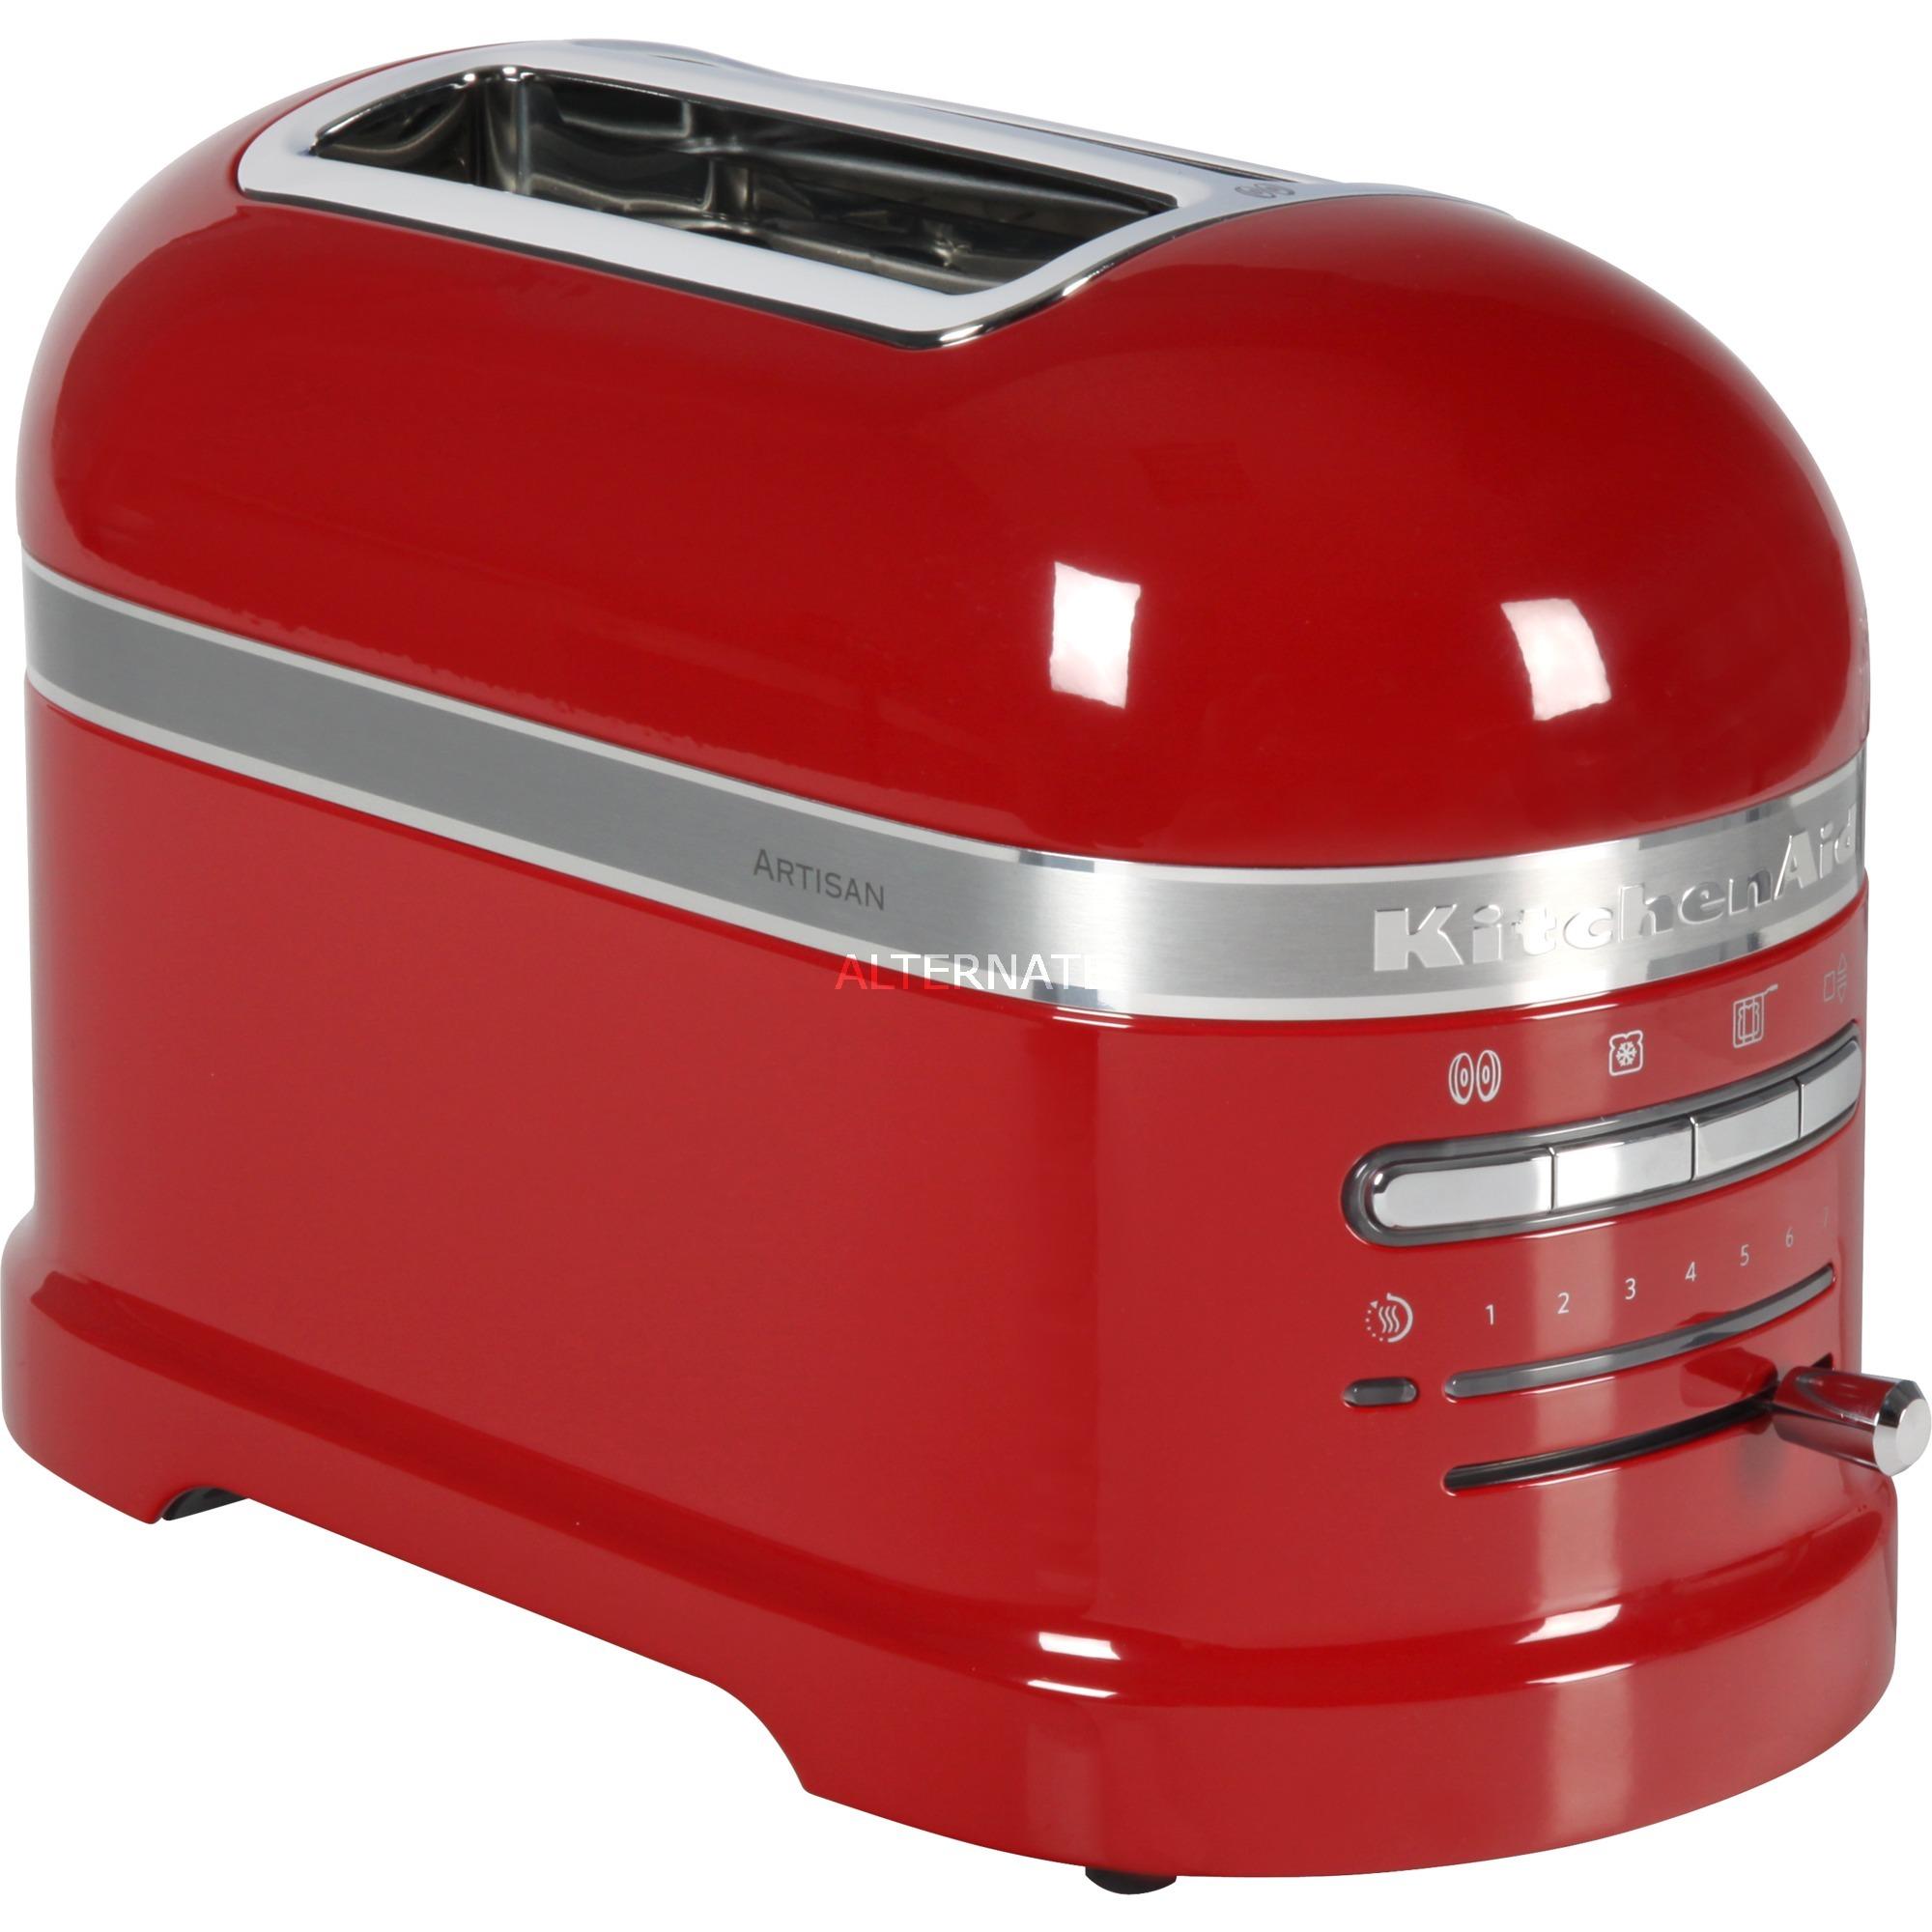 5KMT2204EER 2slice(s) 1250W Rojo tostadora